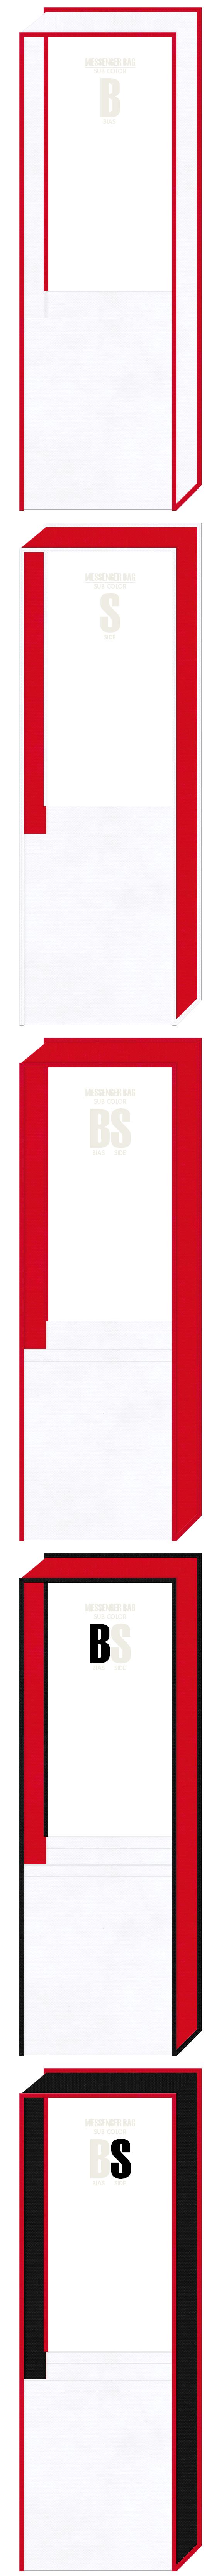 スポーツイベントにお奨め:白色・紅色・黒色の3色を使用した、不織布メッセンジャーバッグのデザイン